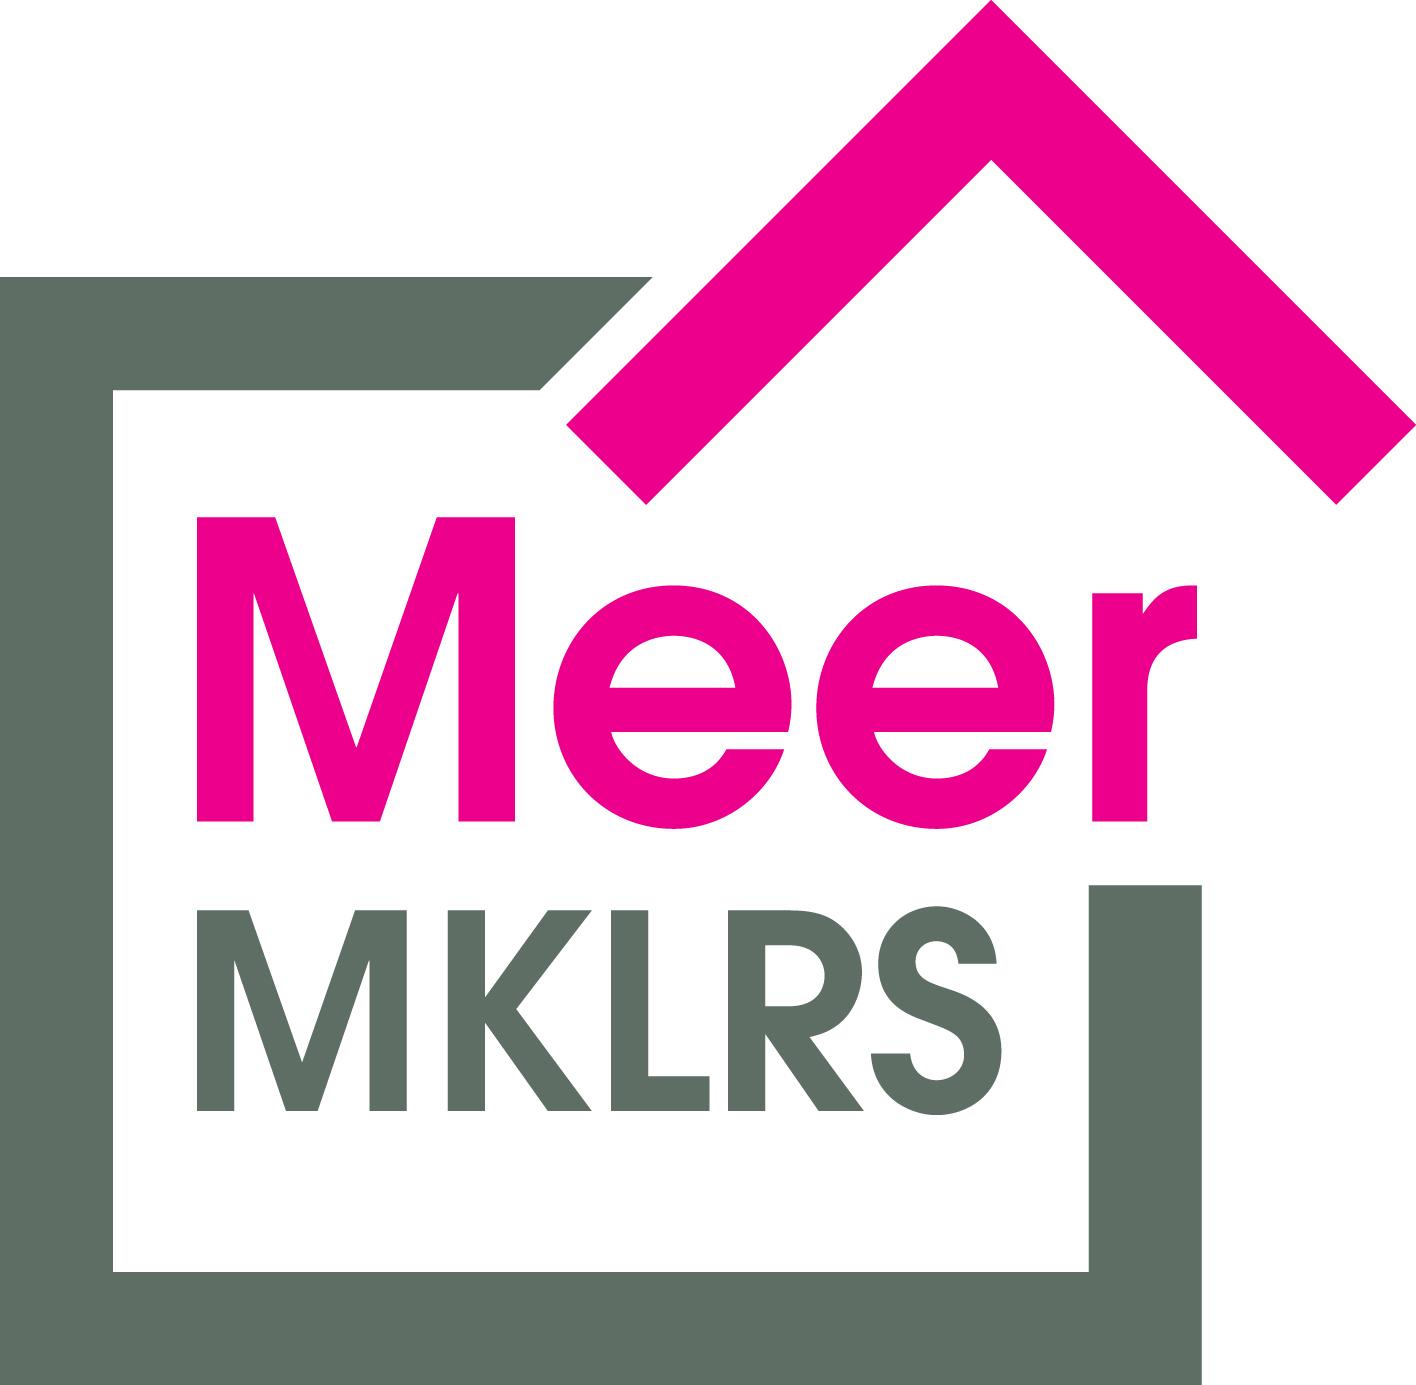 Logo Meermakelaars